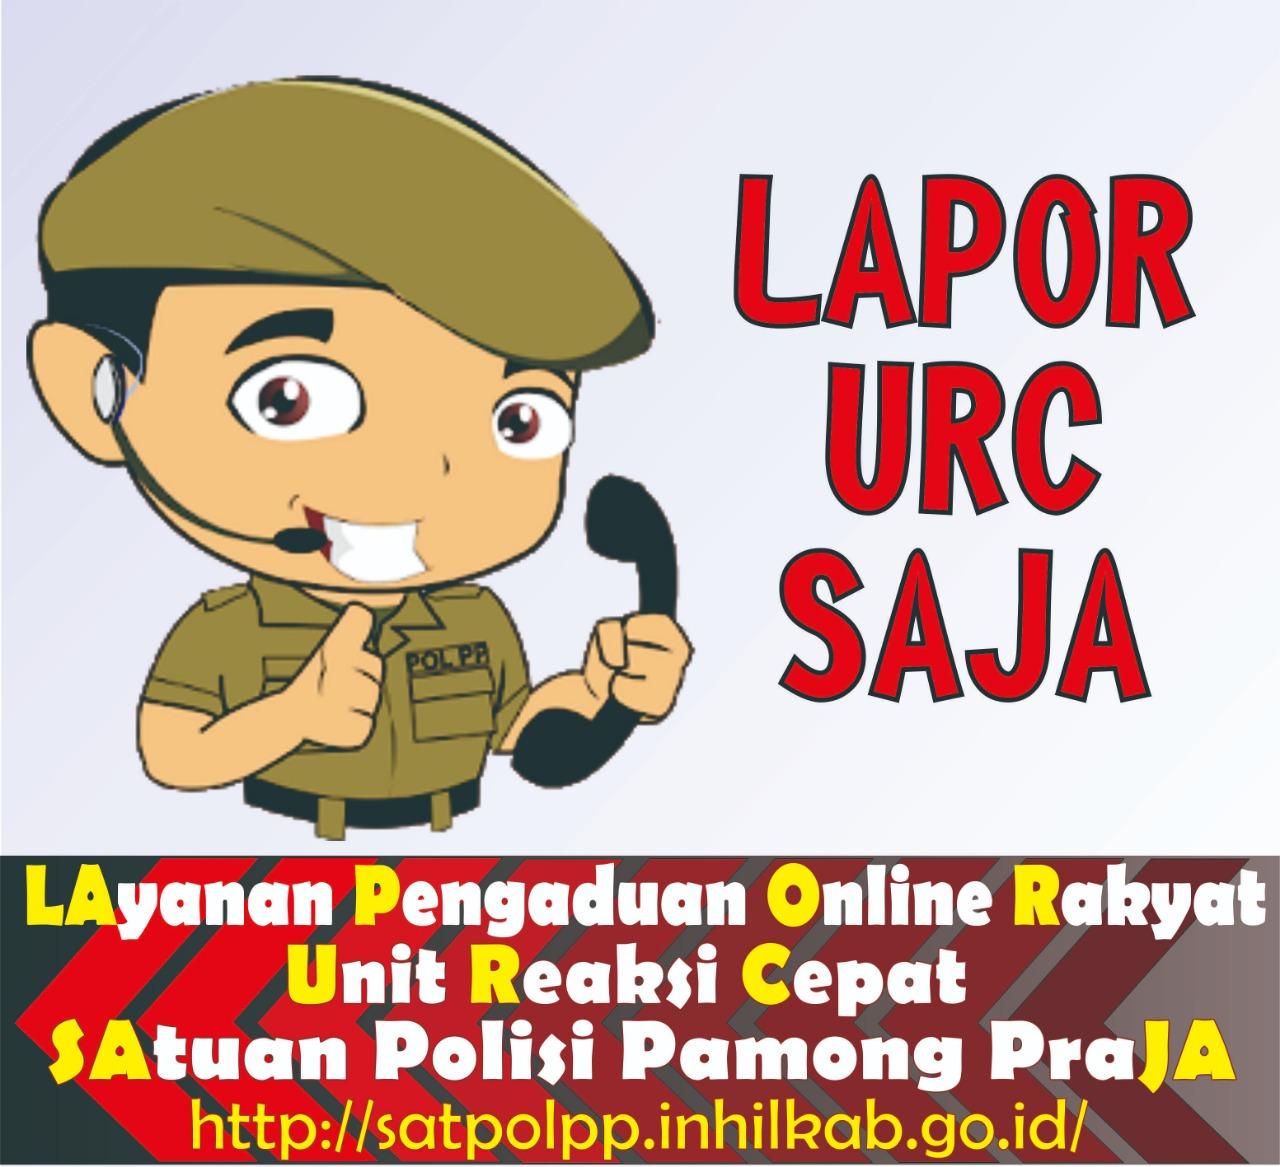 Satpol PP Inhil Buat Sistem Pengaduan Berbasis Website 'LAPOR URC SAJA'